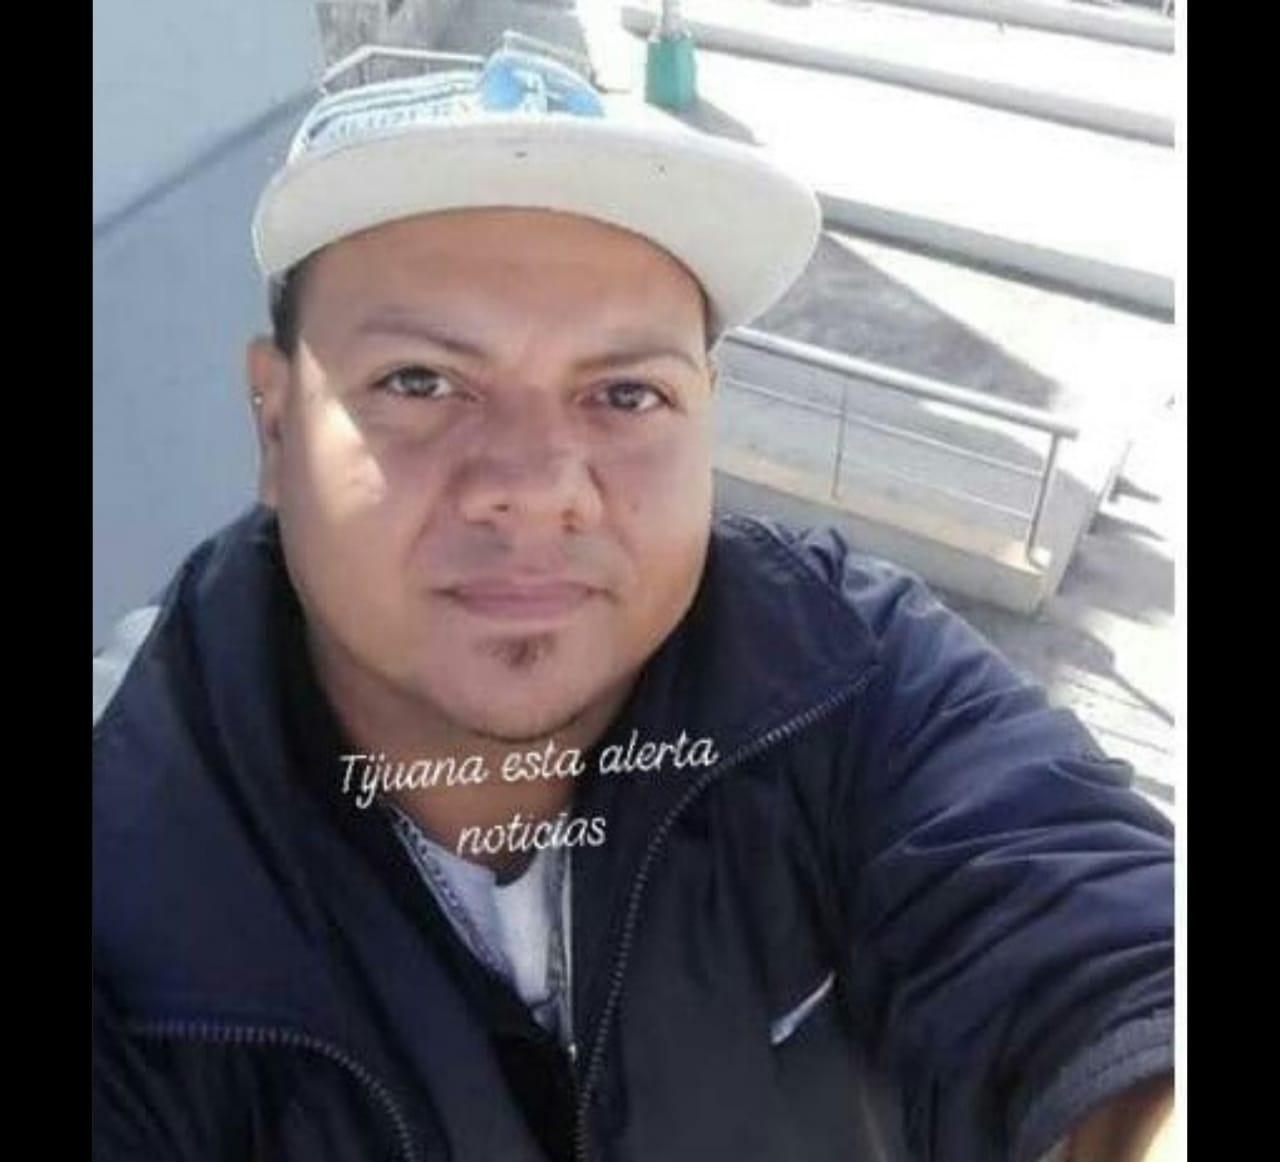 Migrantes son obligados a trasladarse a otro albergue en Tijuana